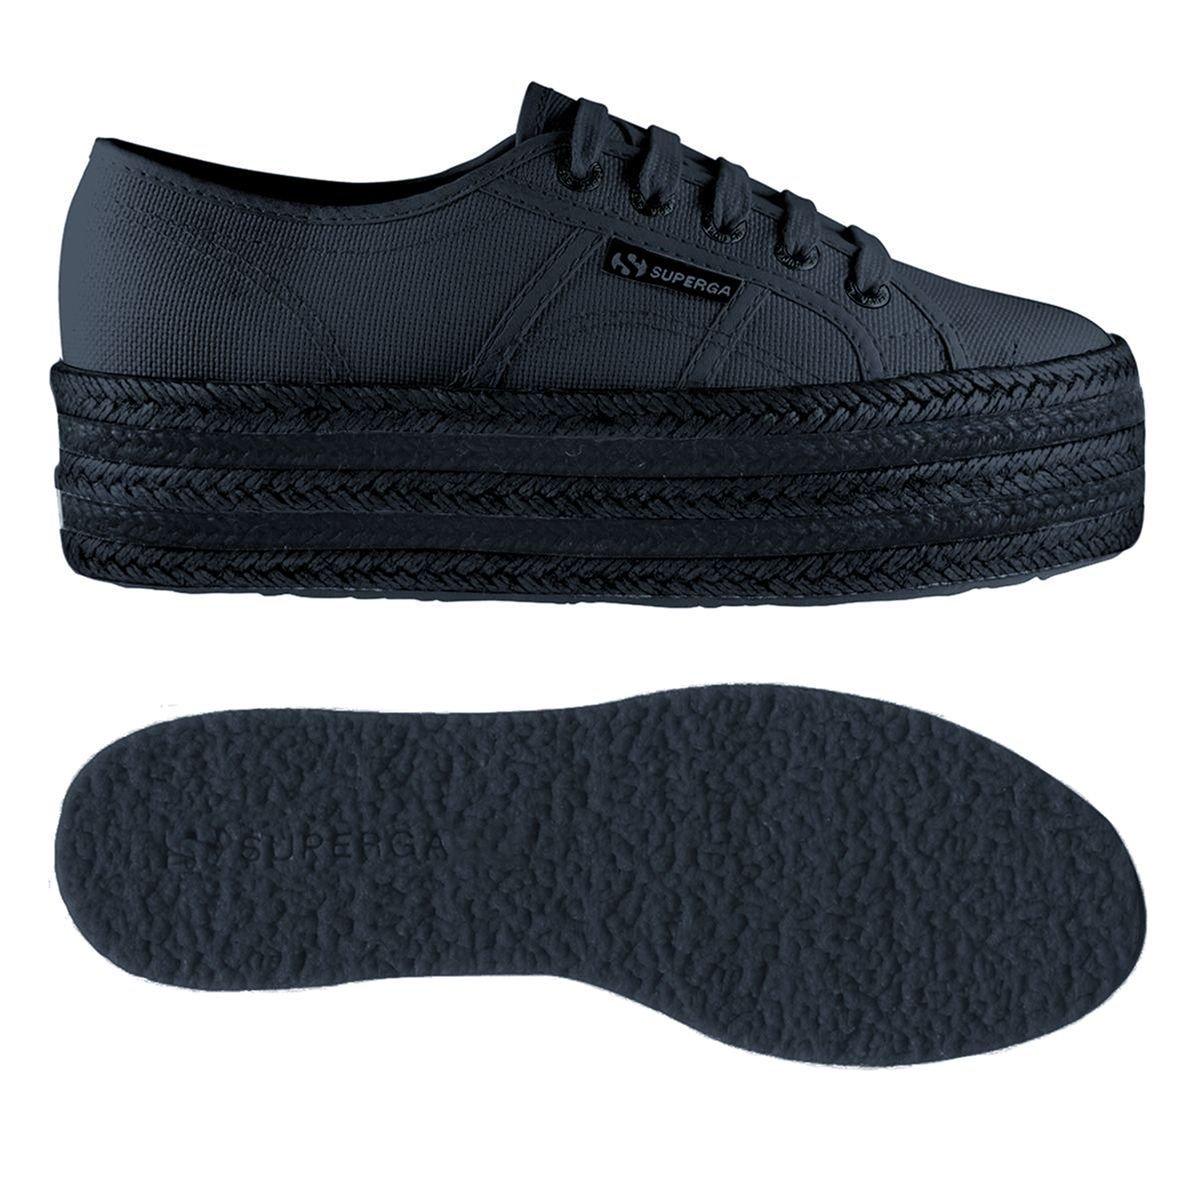 Superga Damen Total 2790-cotcoloropew Sneaker, schwarz Total Damen Navy 89ee3d